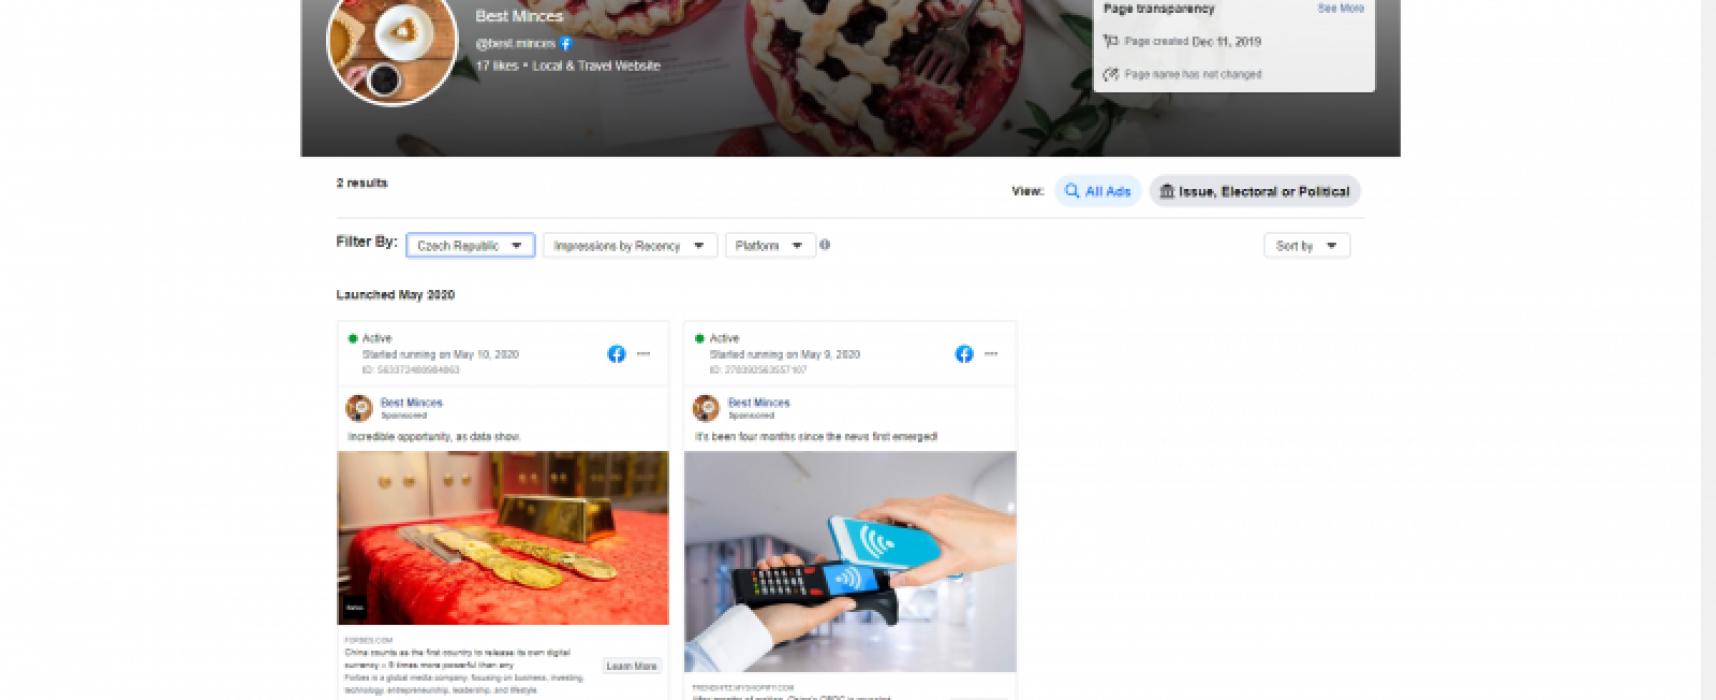 Estafadores de criptomonedas inundan a usuarios de Facebook con anuncios de falsos artículos de Forbes.com